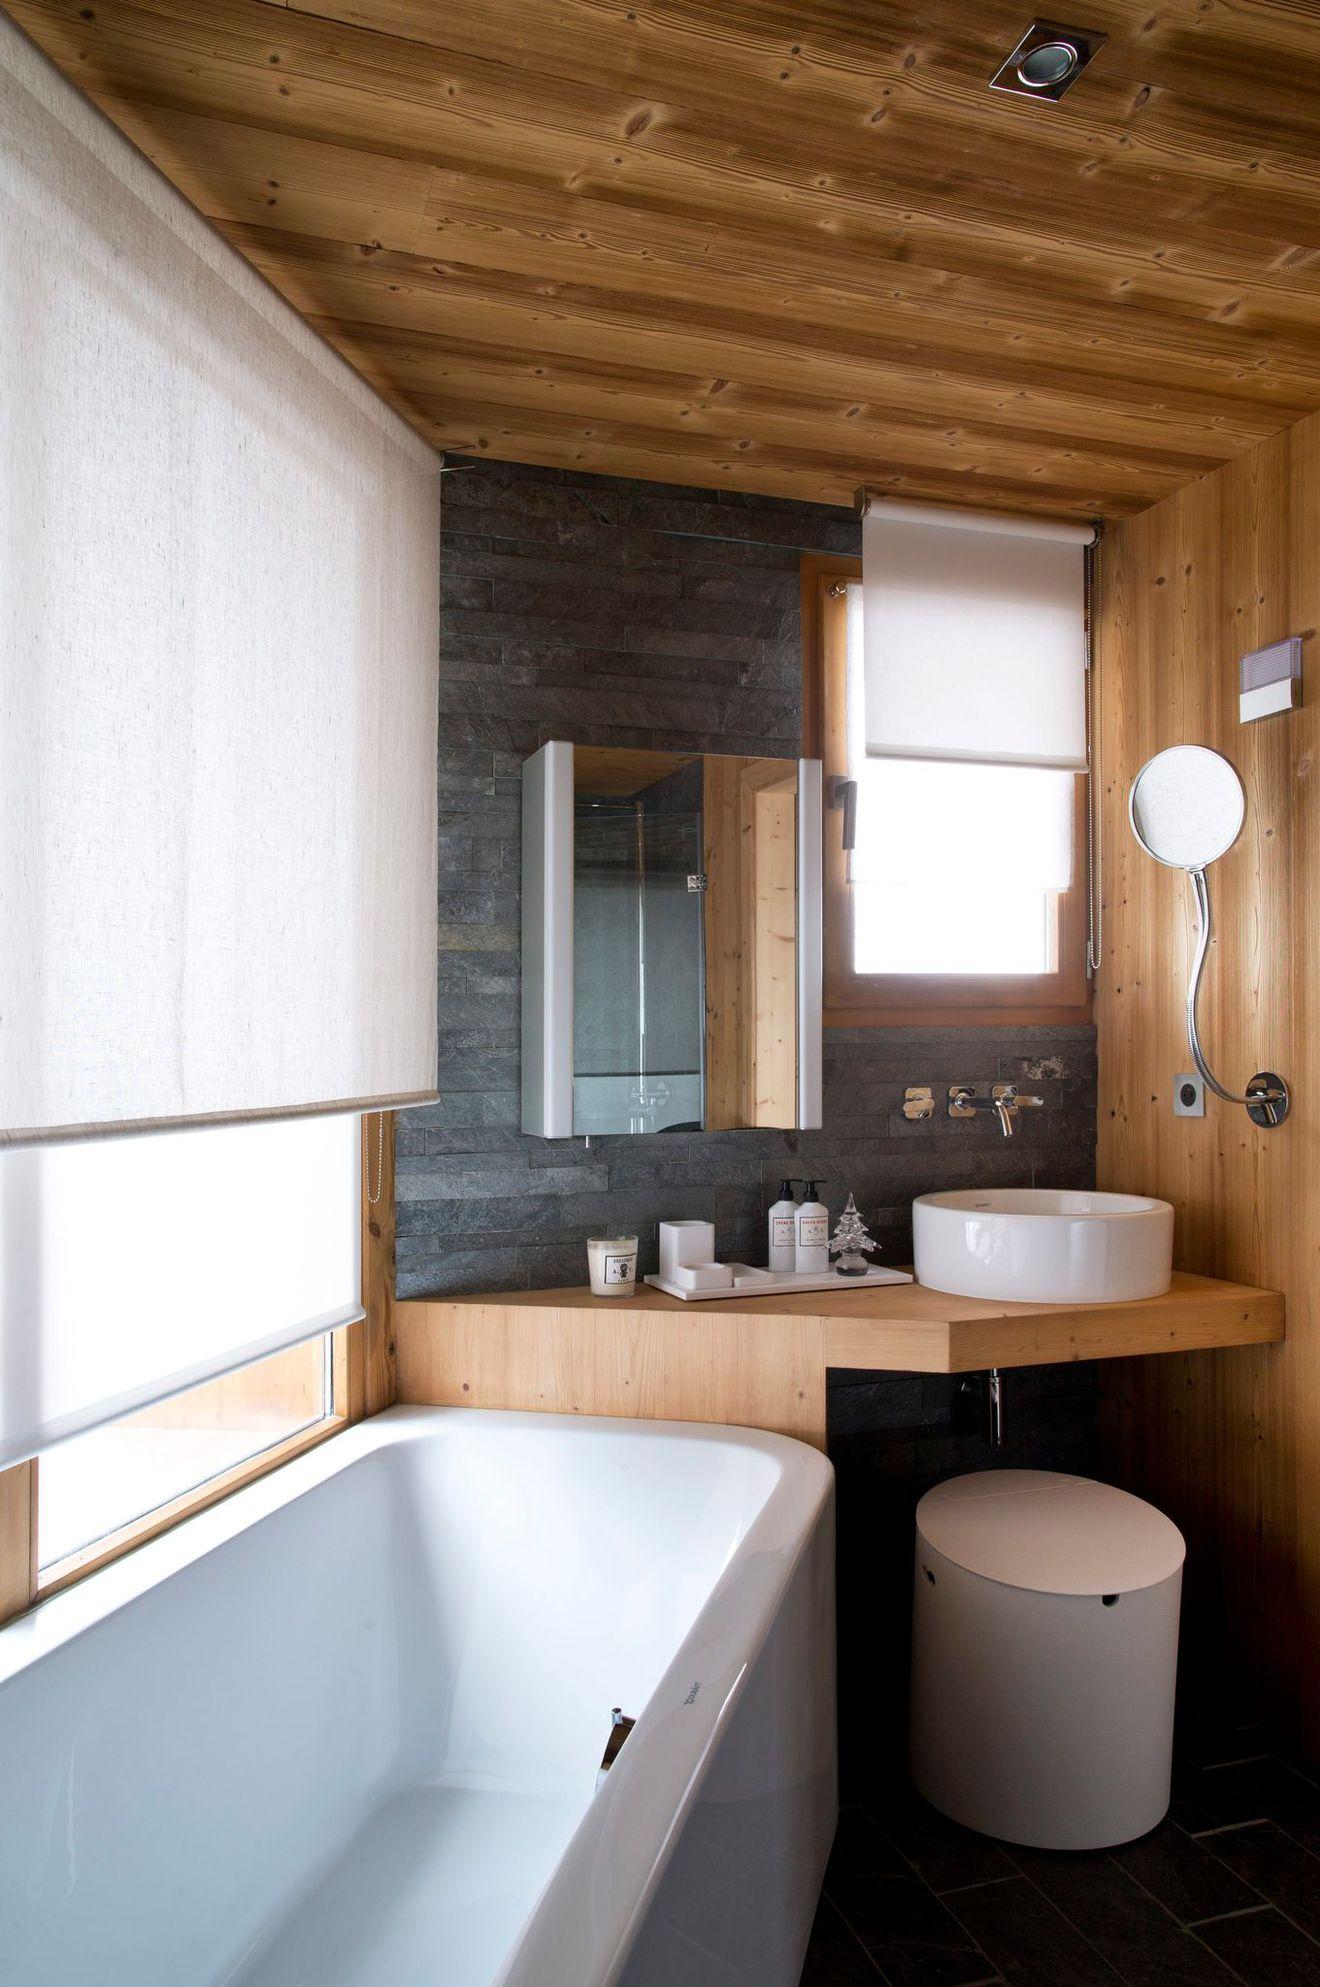 Ванная комната в современном стиле из массива